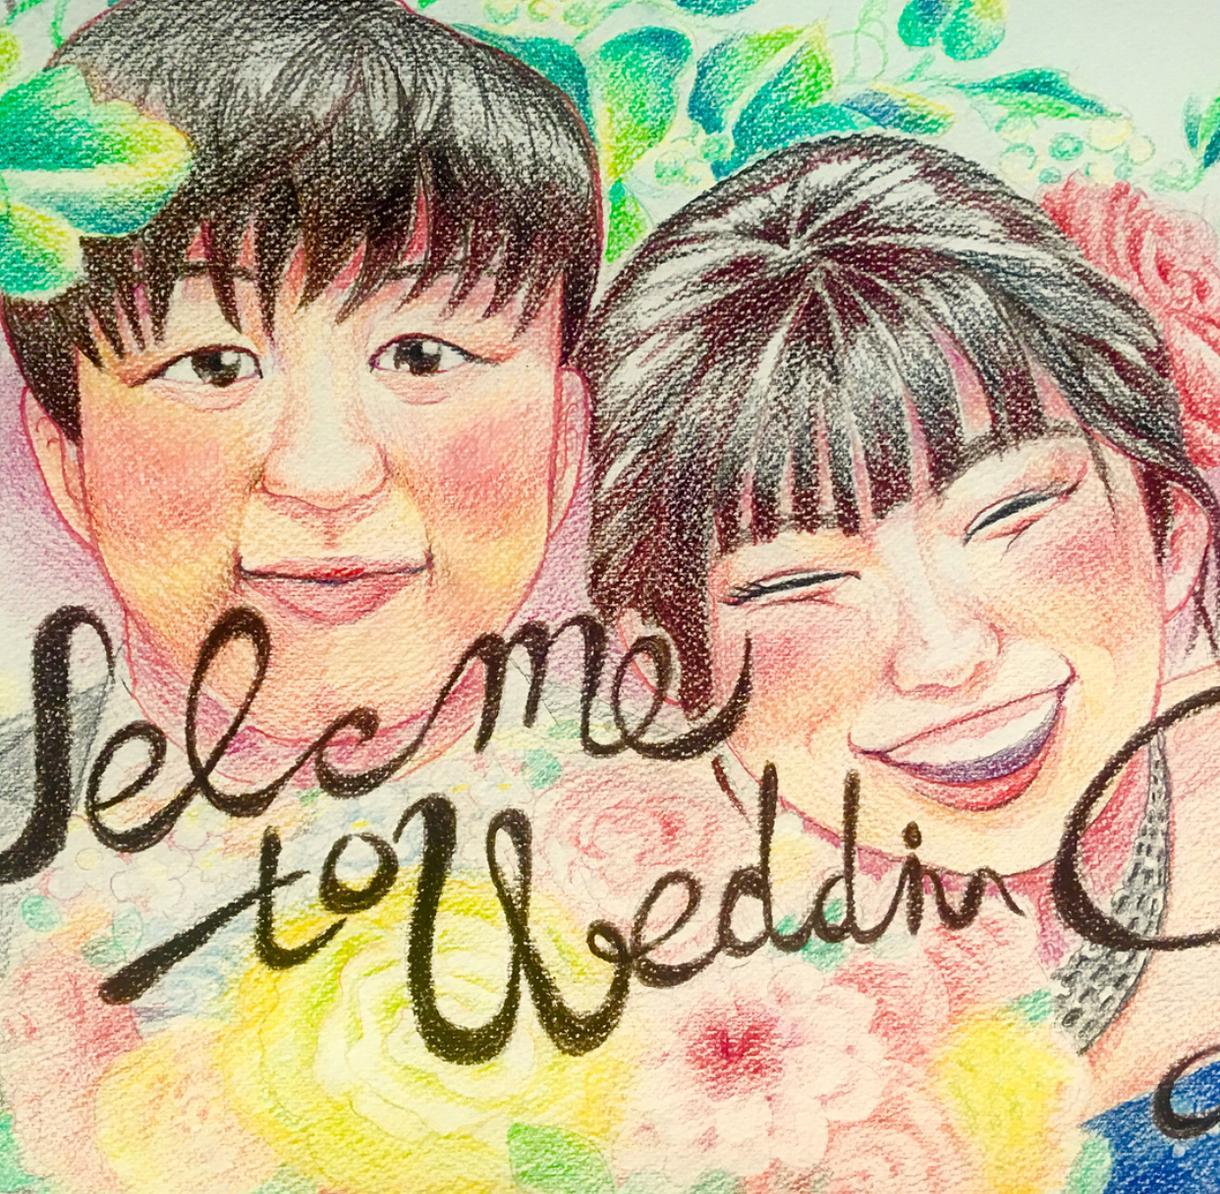 手書き!本格的なウェルカムボード描きます パステルを使って幸せな瞬間を絵に残してます。大切な人とどうぞ